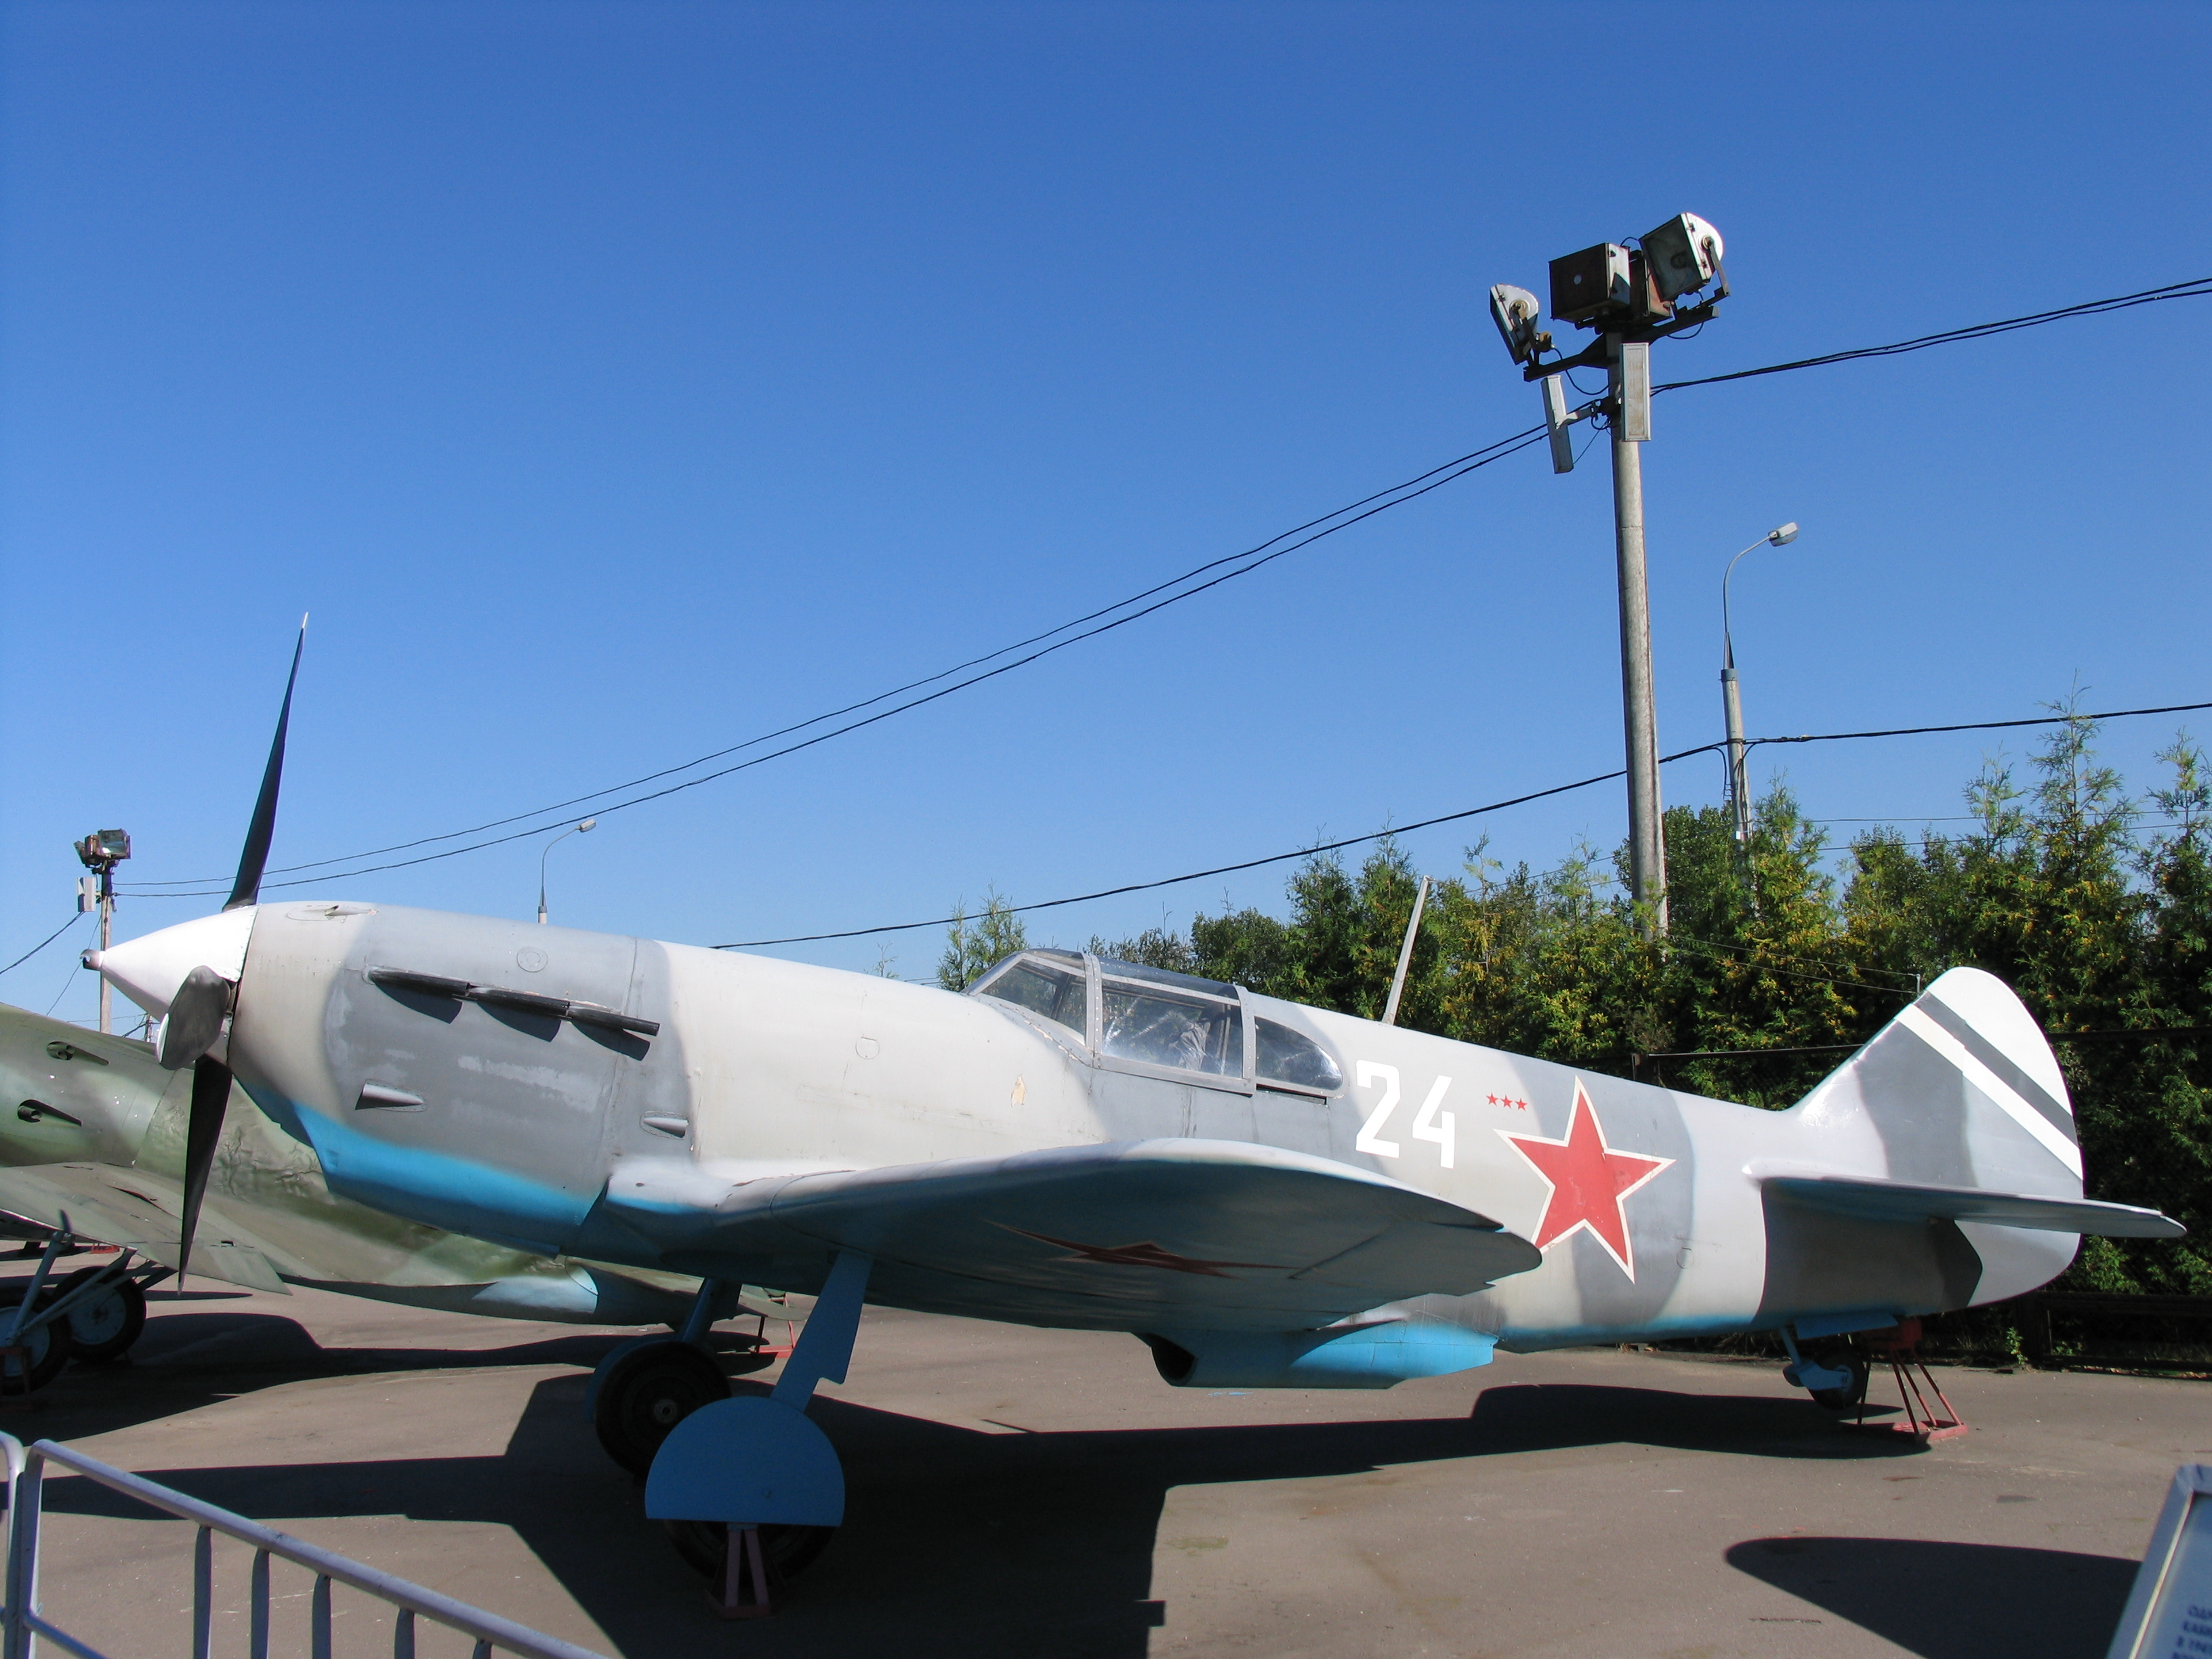 Lavochkin Gorbunov Gudkov LaGG-3